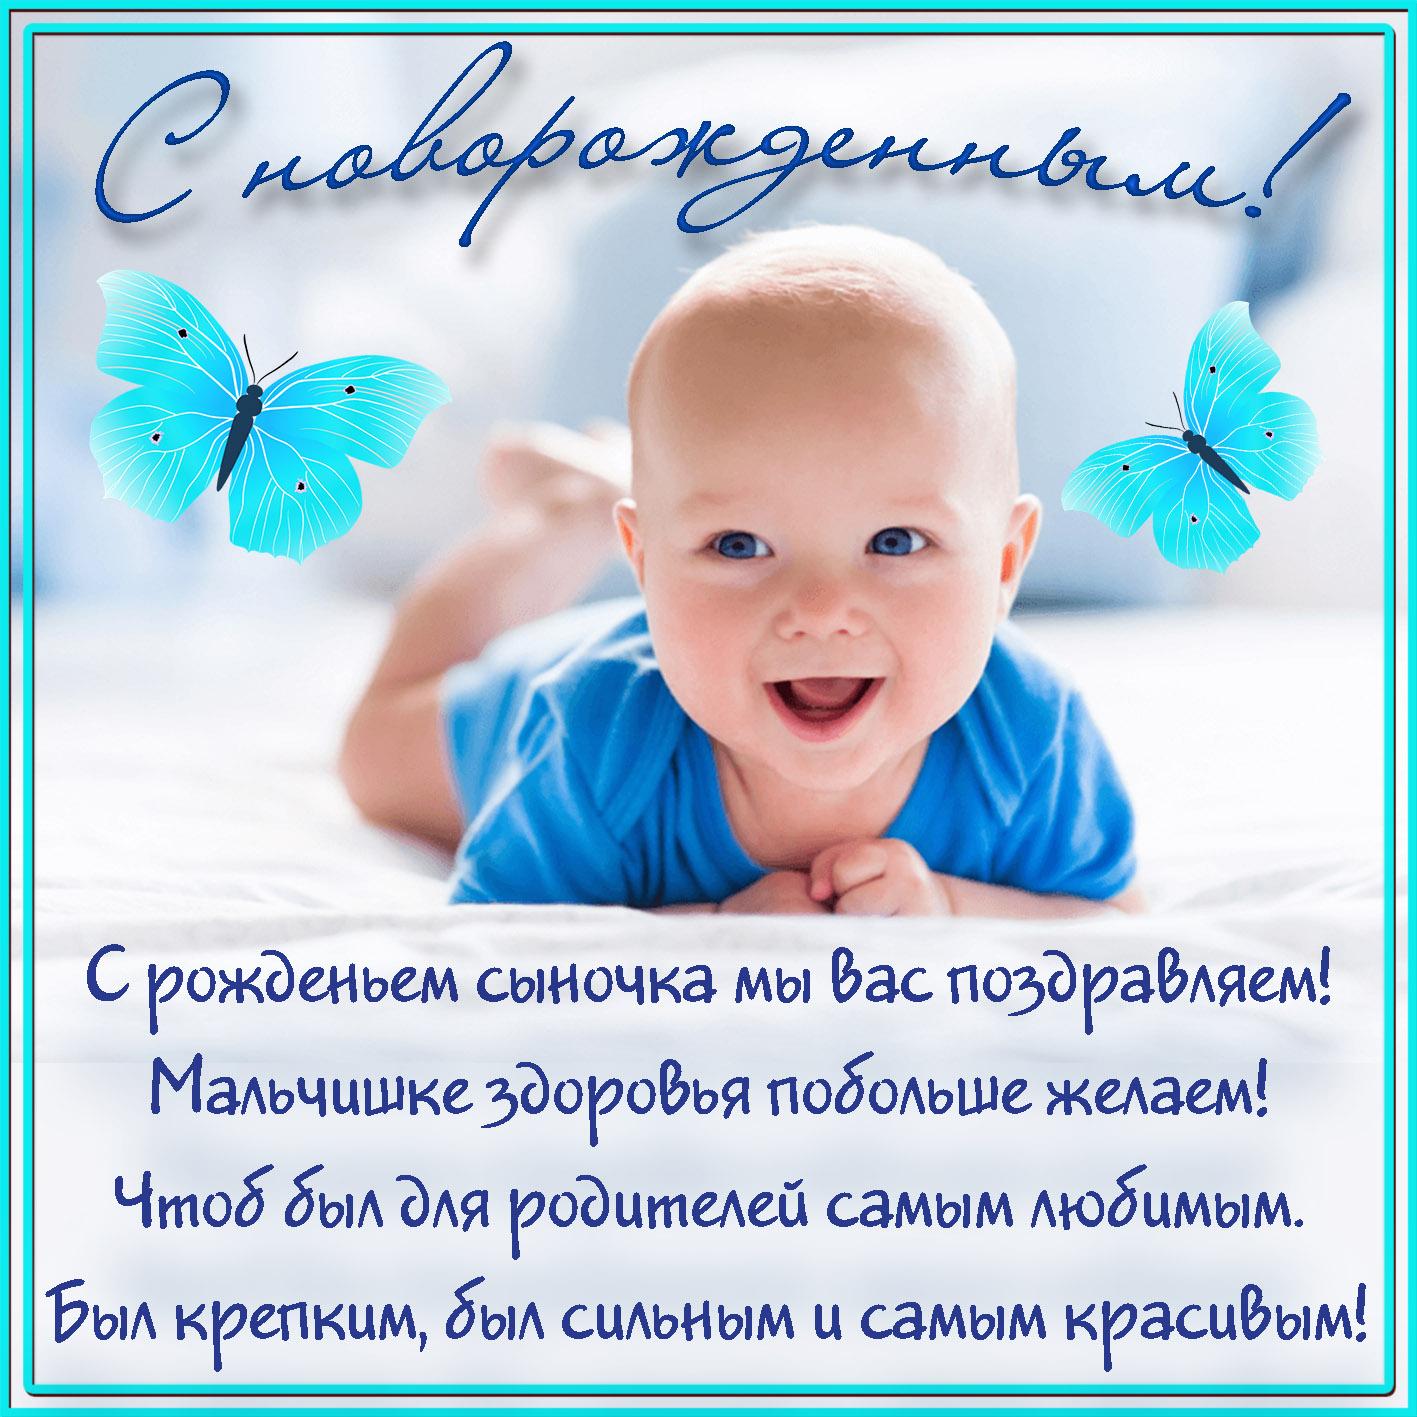 С рождением второго сыночка картинки красивые поздравления, открытки